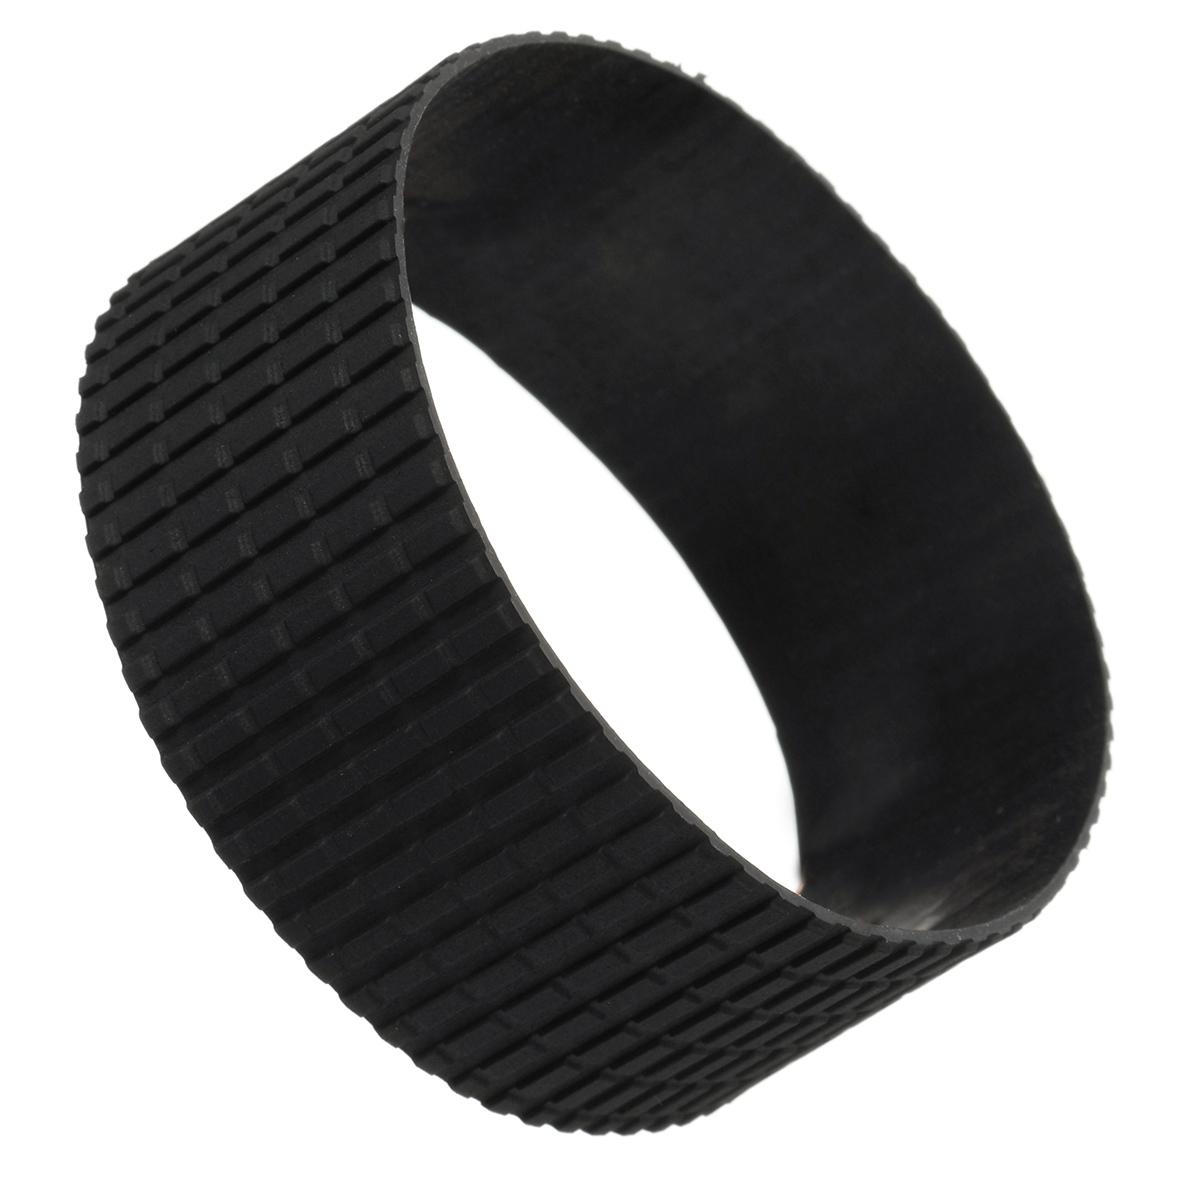 Lens Zoom and Focus Rubber Ring Grip For Nikon NIKKOR AF 80-200mm F2.8